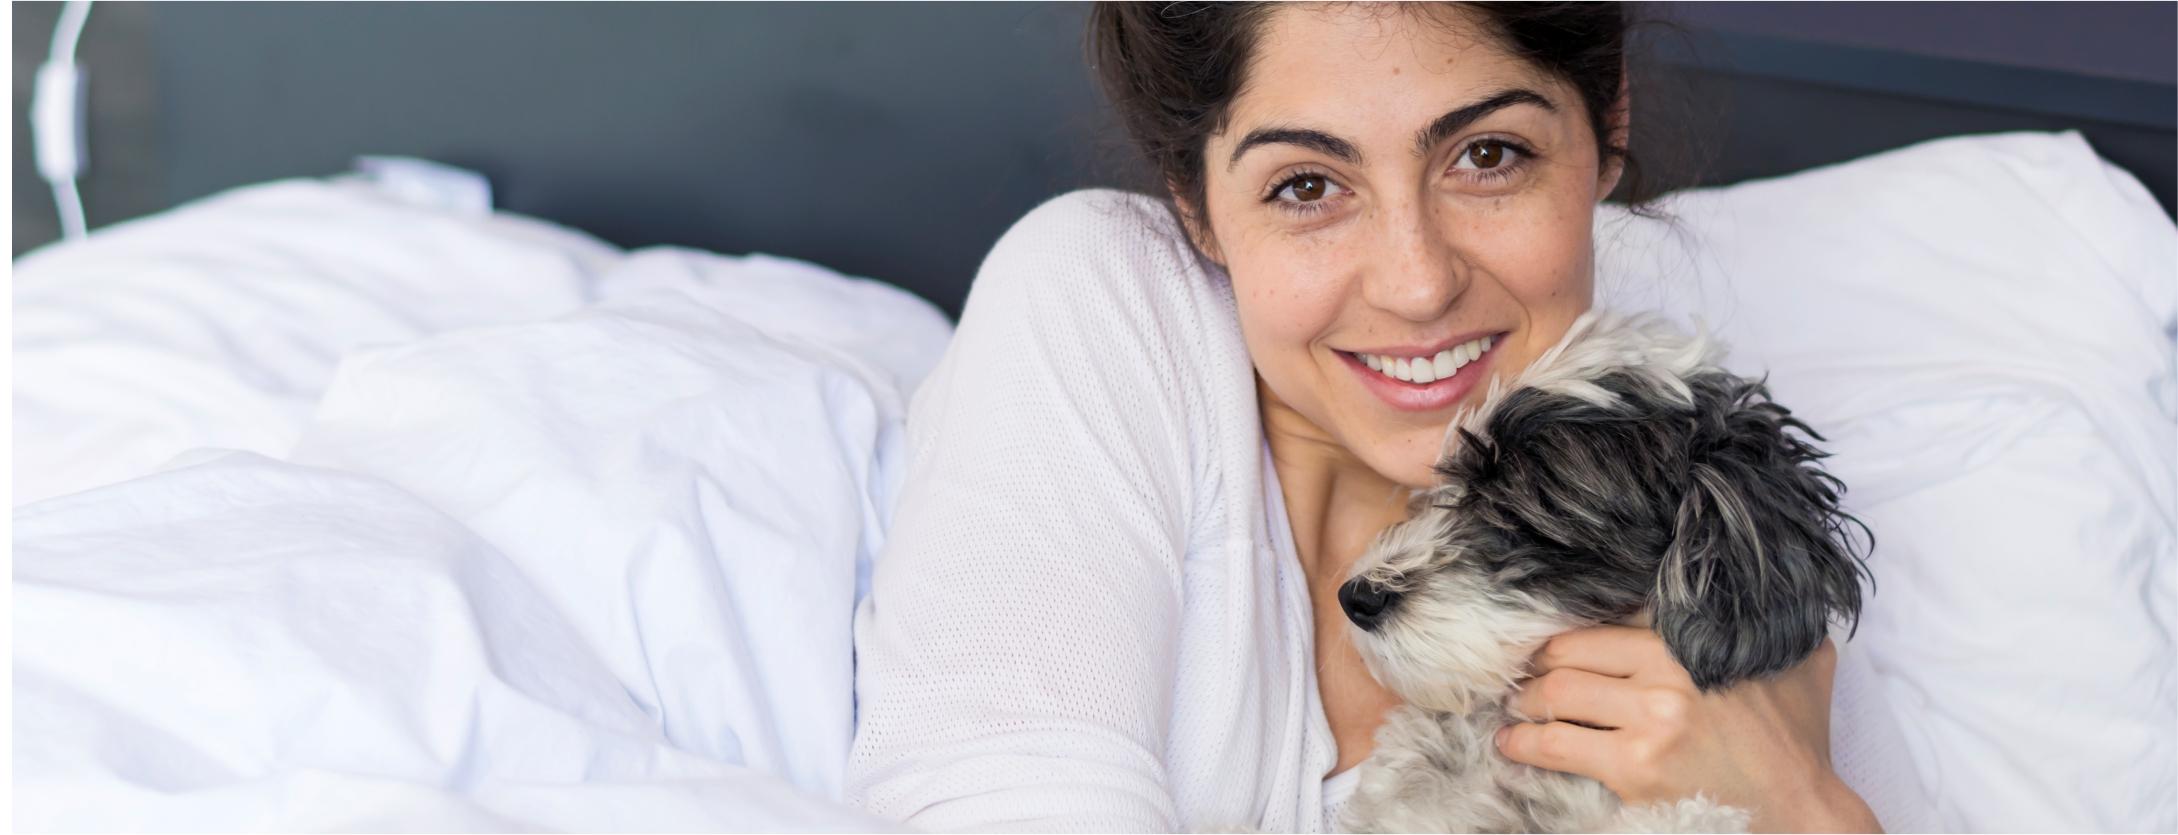 Jovens adultos da geração Y estão escolhendo suas casas pensando no bem-estar de seus animais